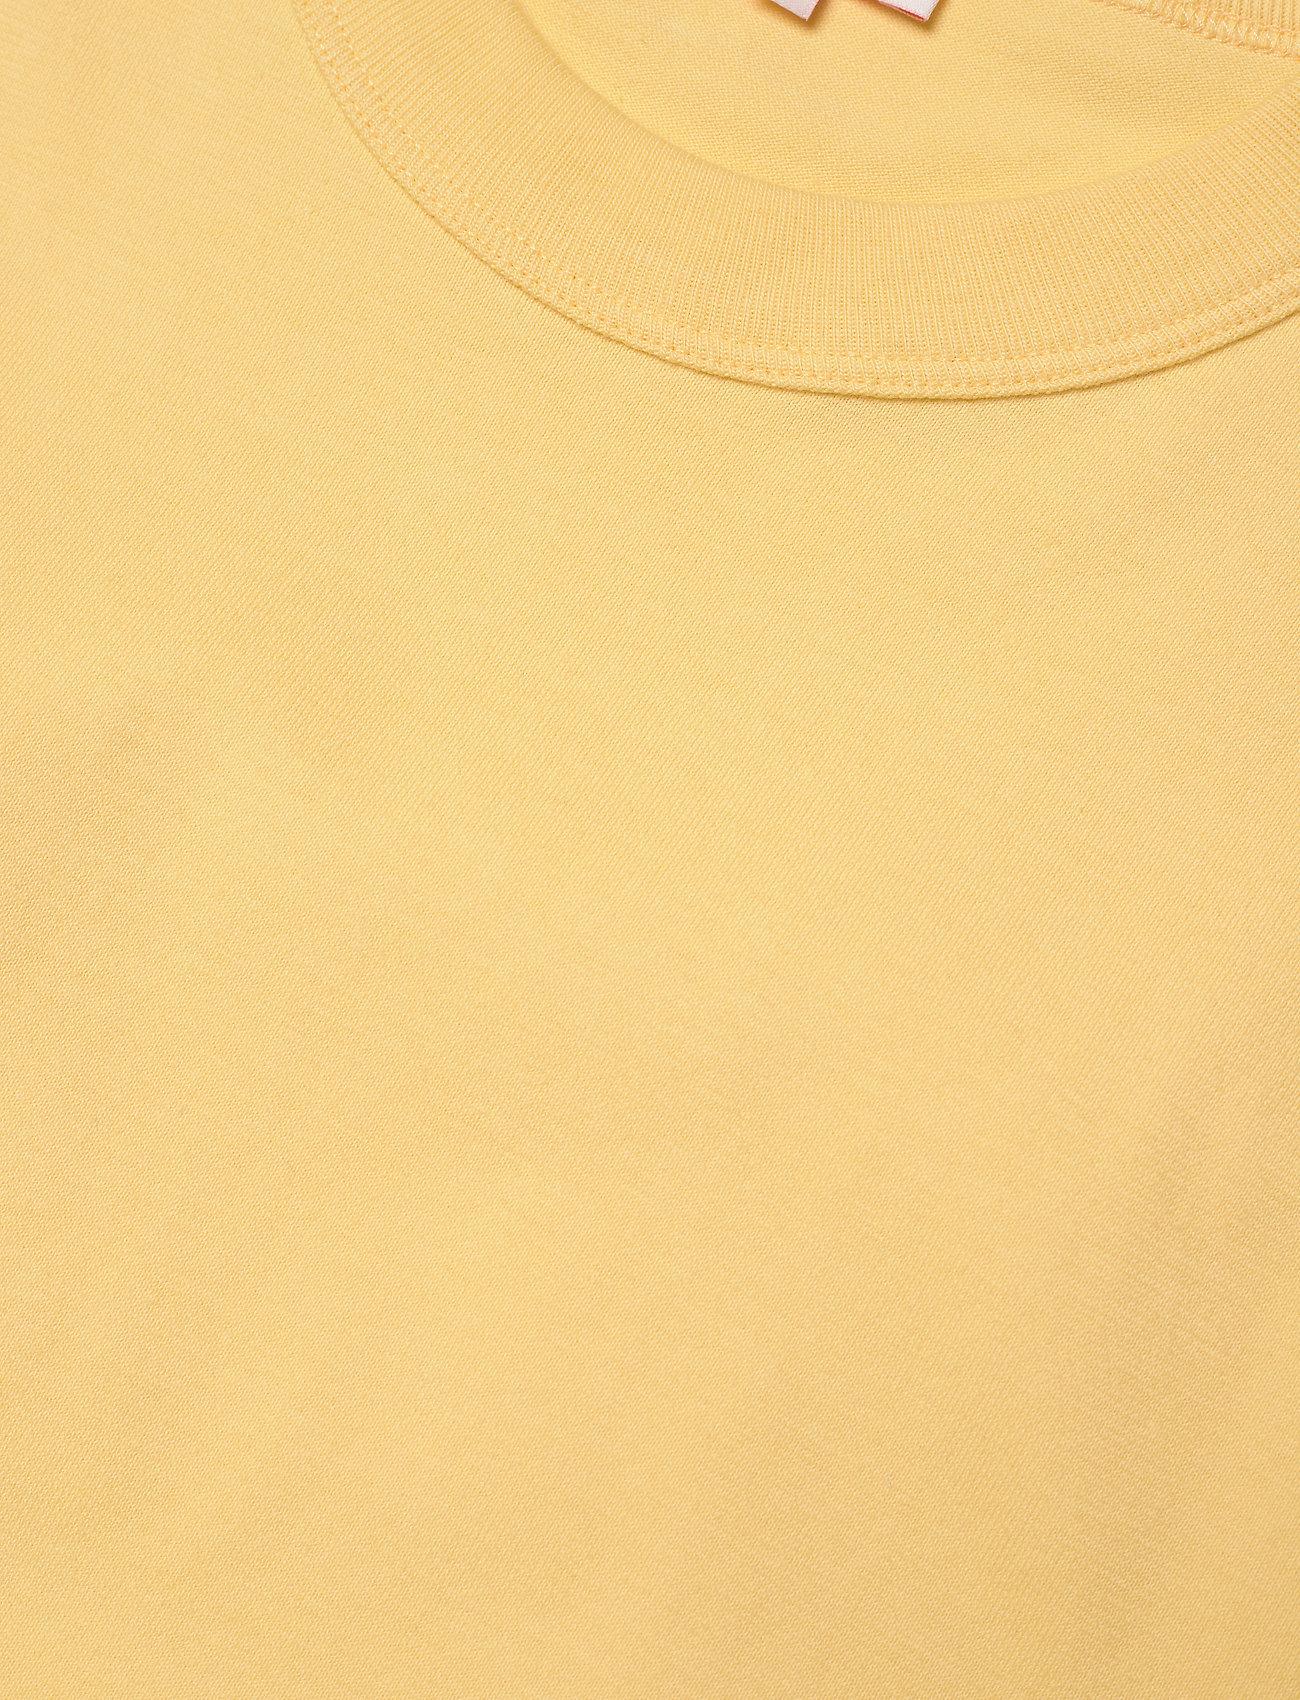 Armor Lux Round Neck T-Shirt - T-skjorter BLONDEUR - Menn Klær